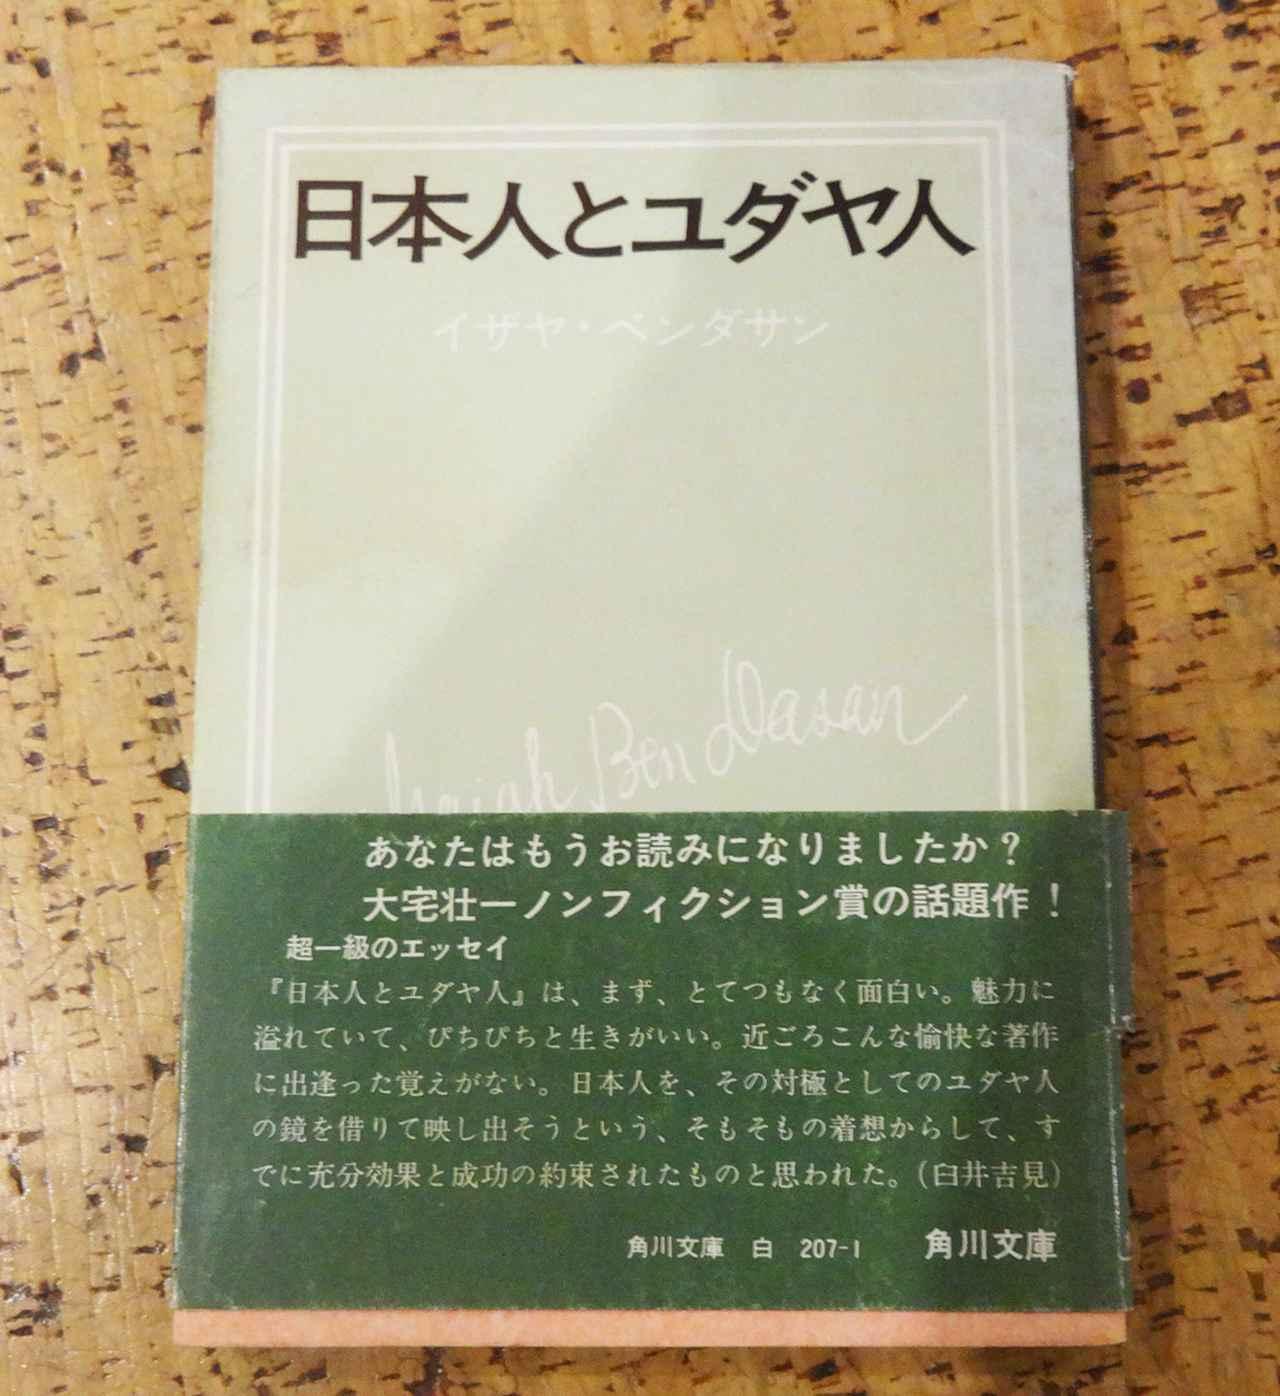 画像1: 永遠の図書室通信 第34話「著者 山本七平」